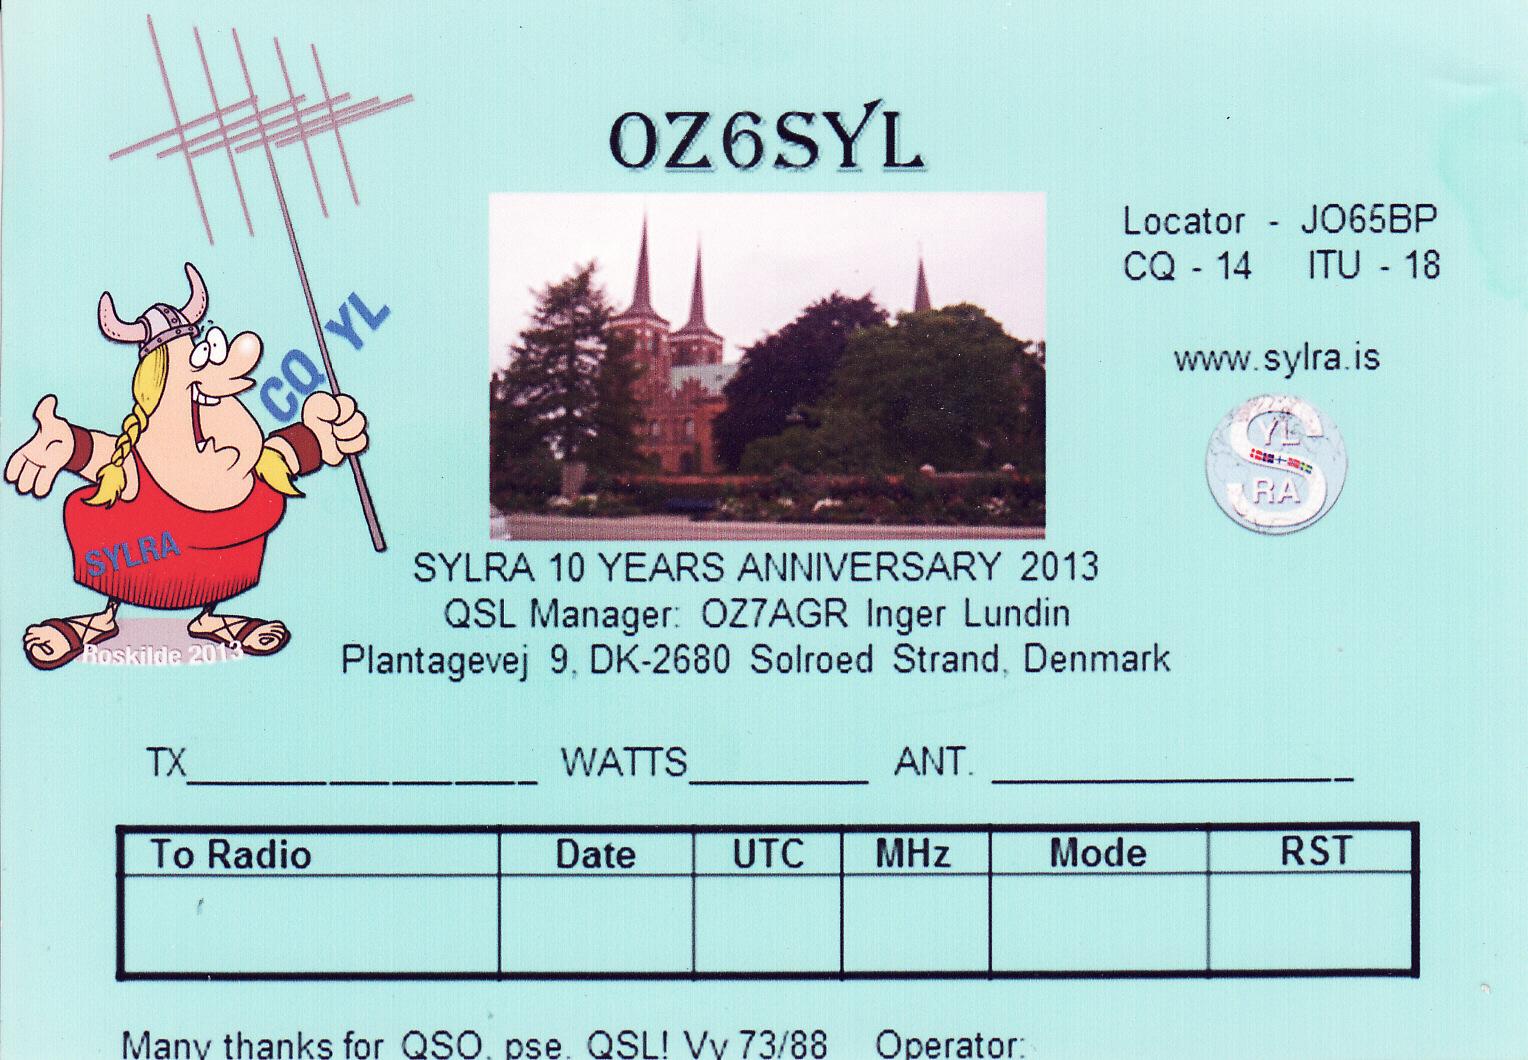 OZ6SYL